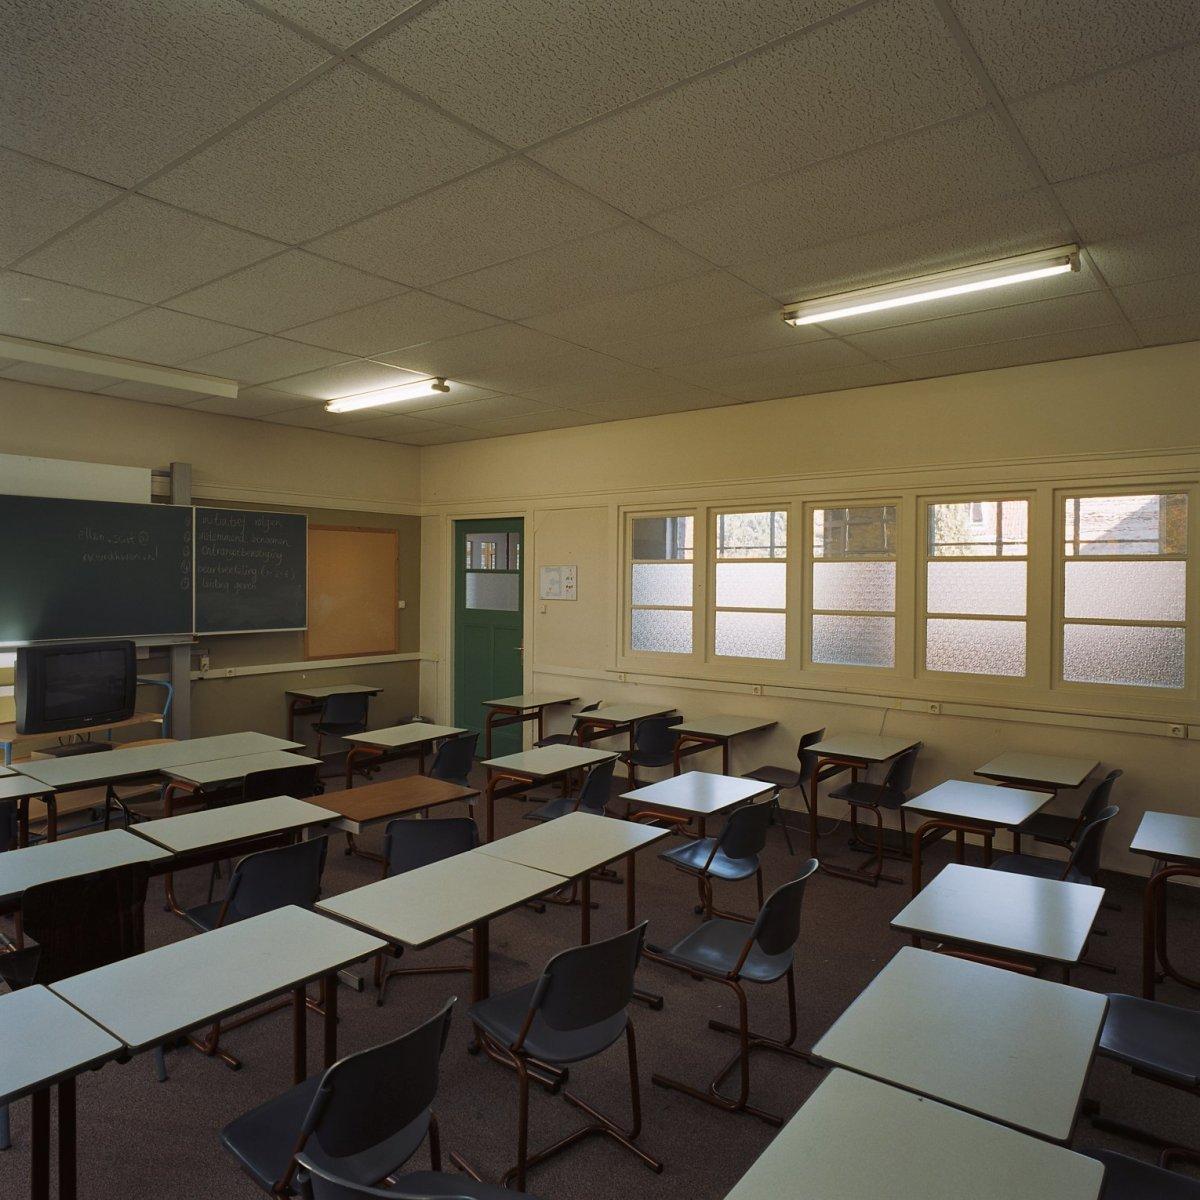 fileinterieur klaslokaal eindhoven 20336633 rcejpg